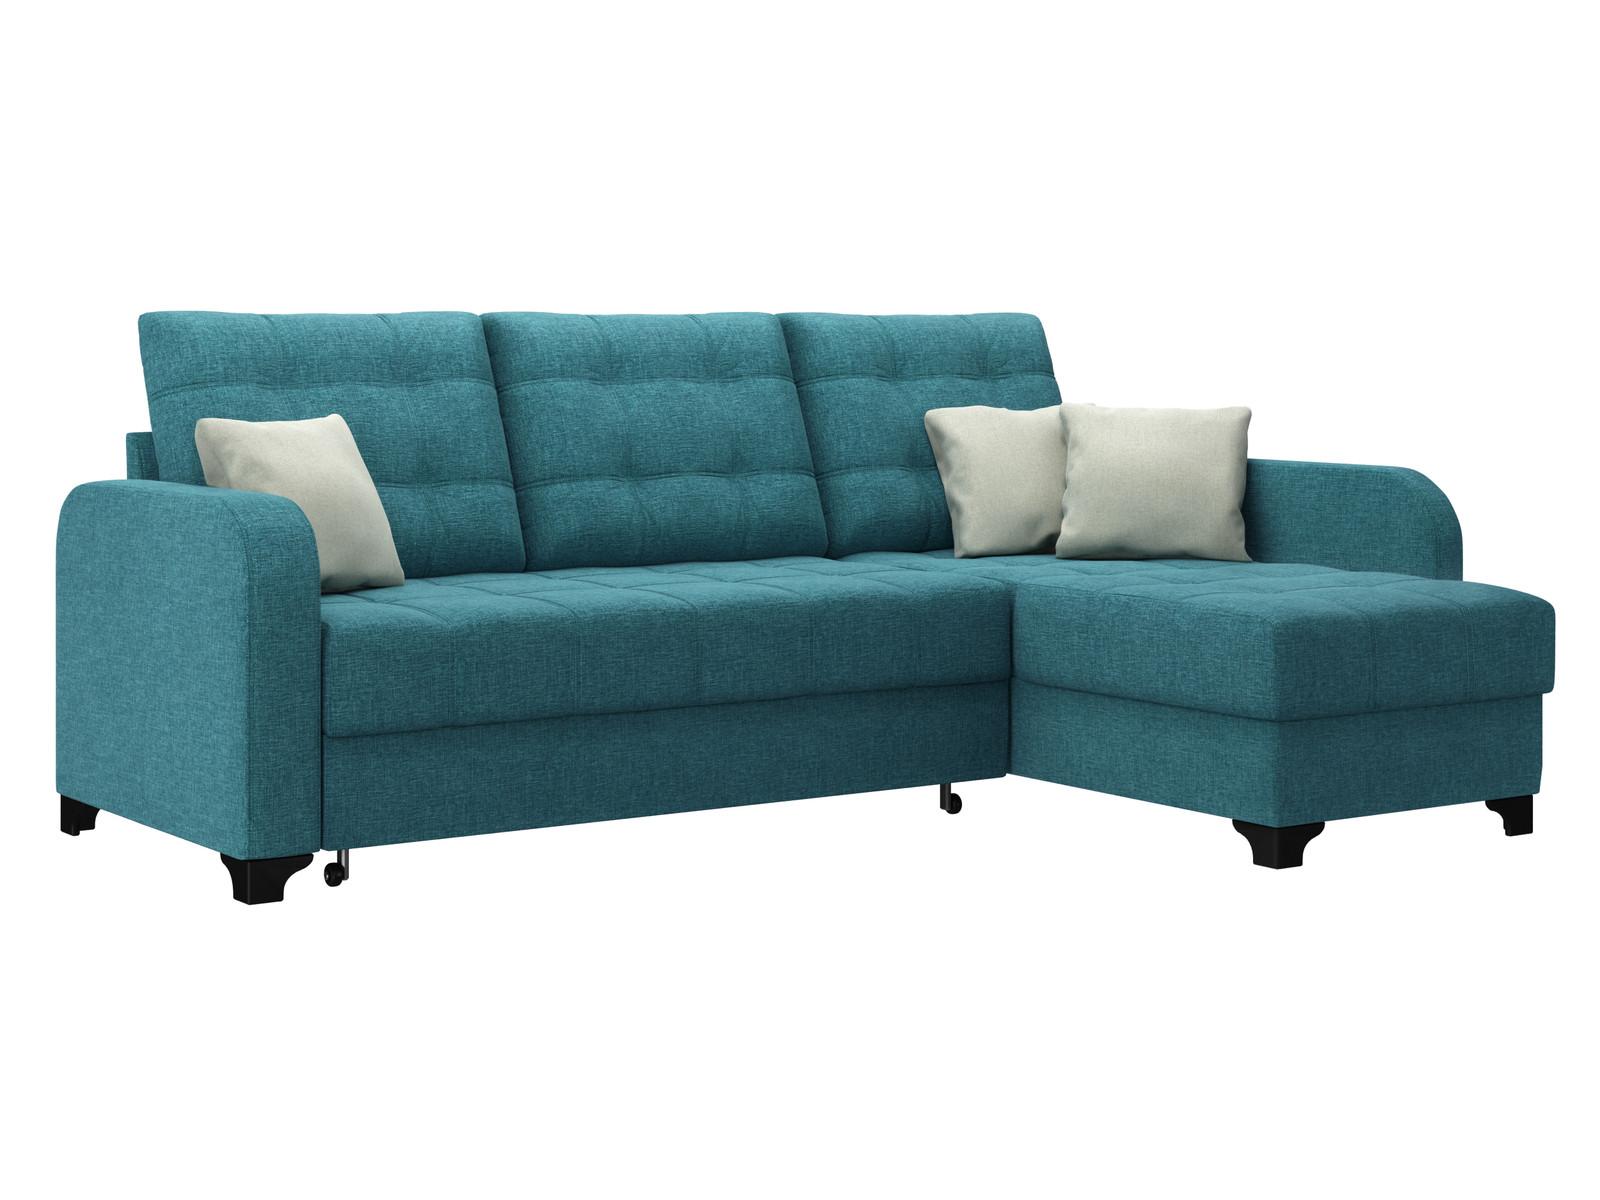 Диван тканевый угловой Ливерпуль D1 furniture Baltic бирюзовый (Рогожка) Голубой